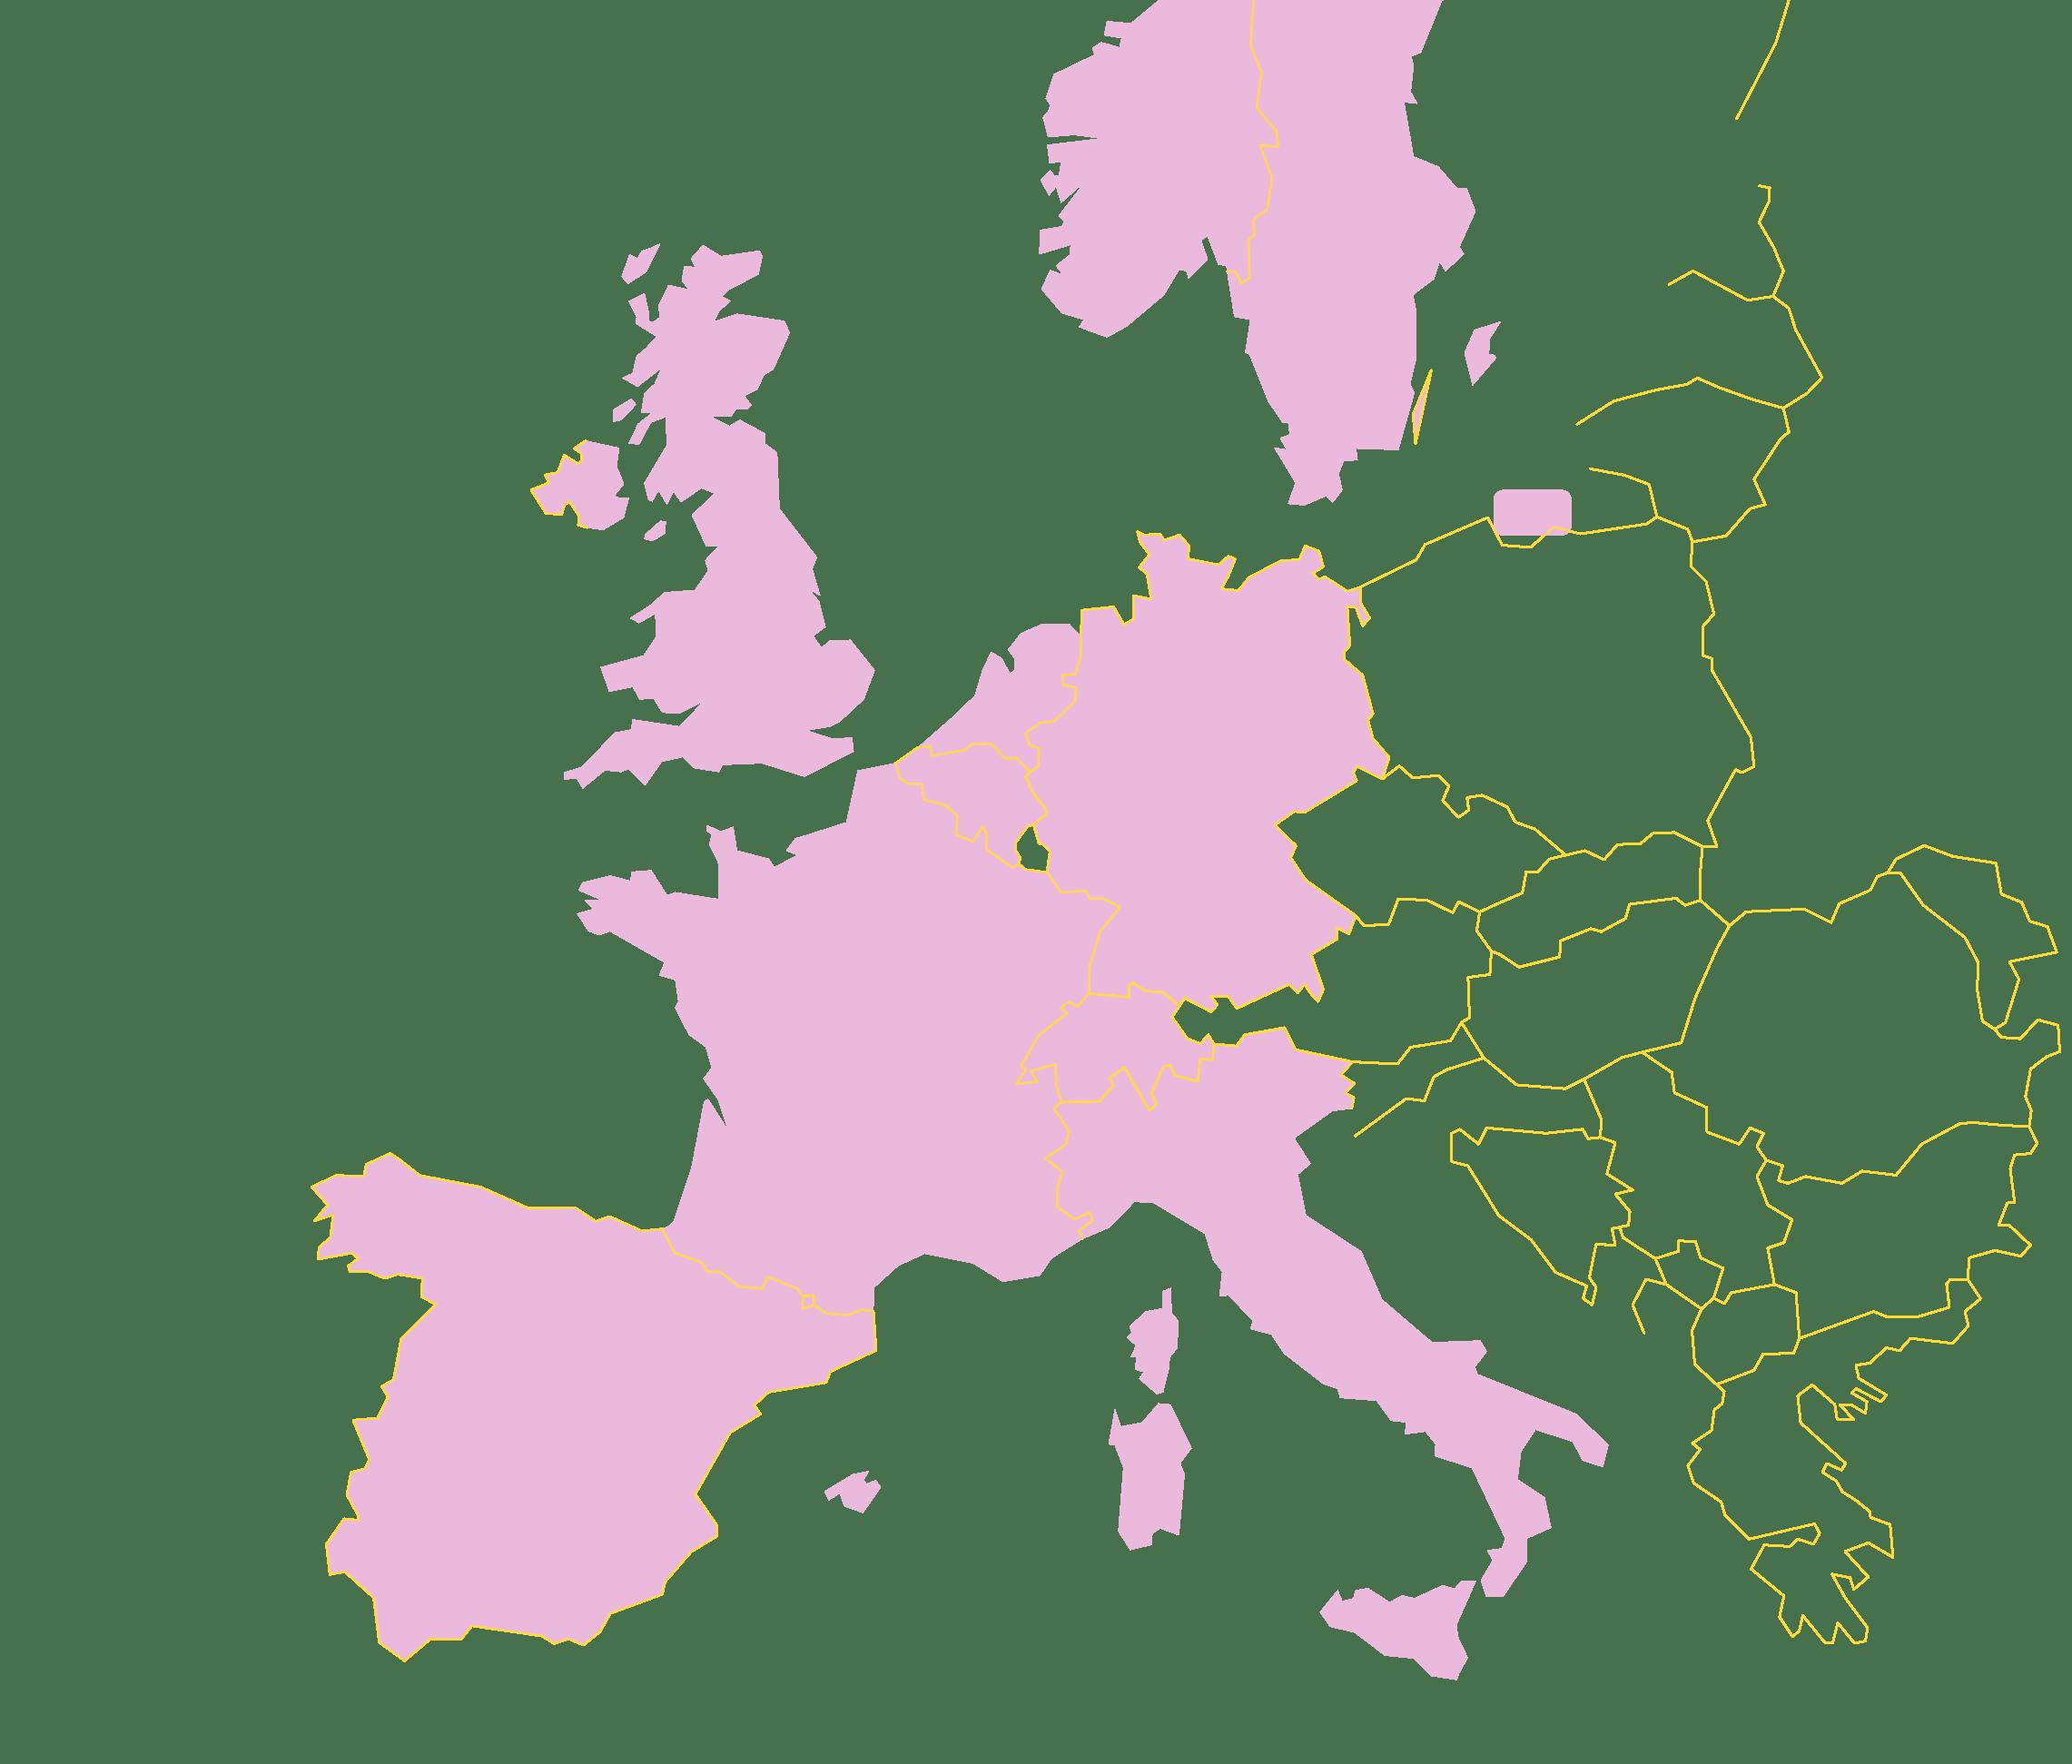 pays participants